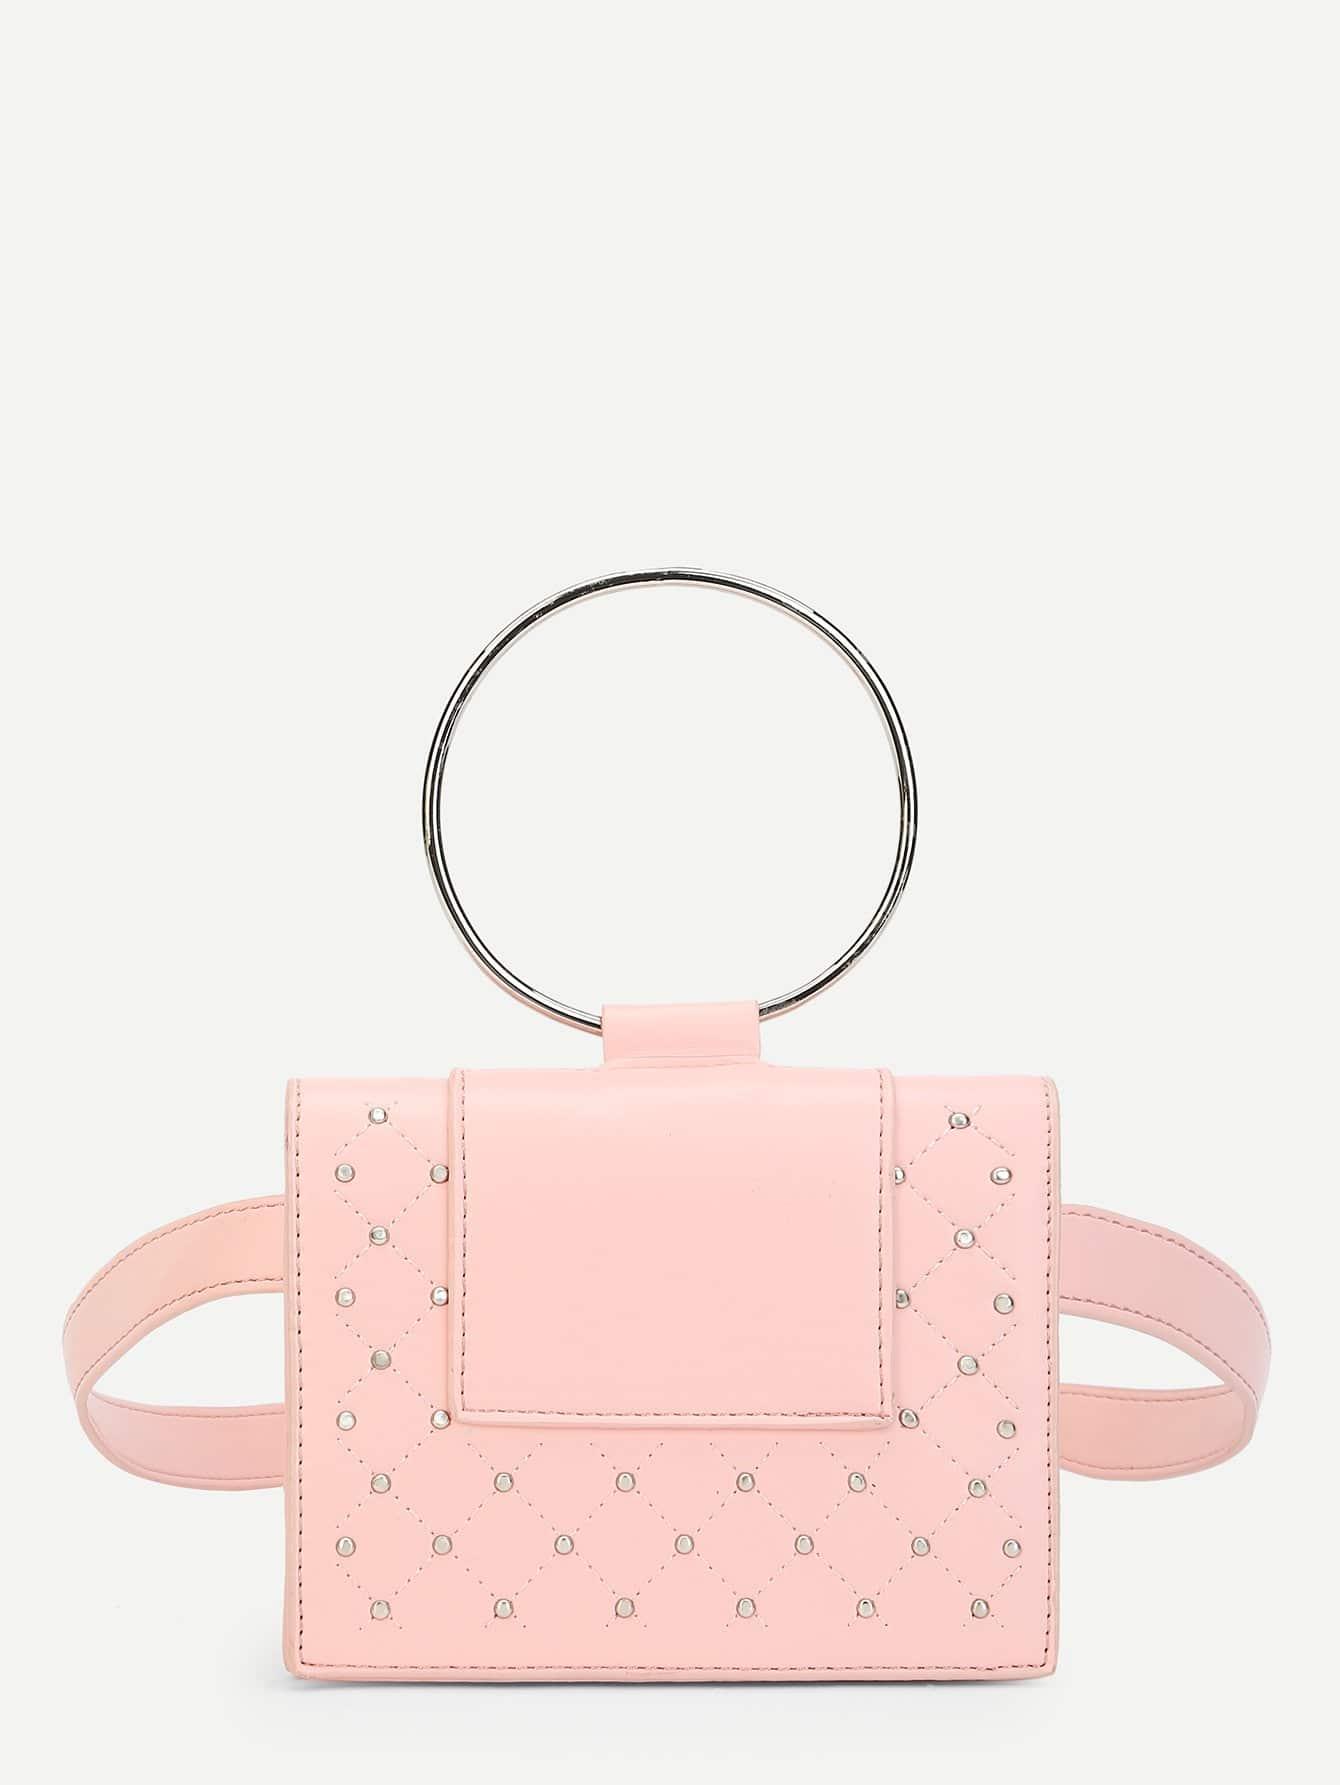 Купить Шипованный Поясные сумки розовый Сумки, null, SheIn